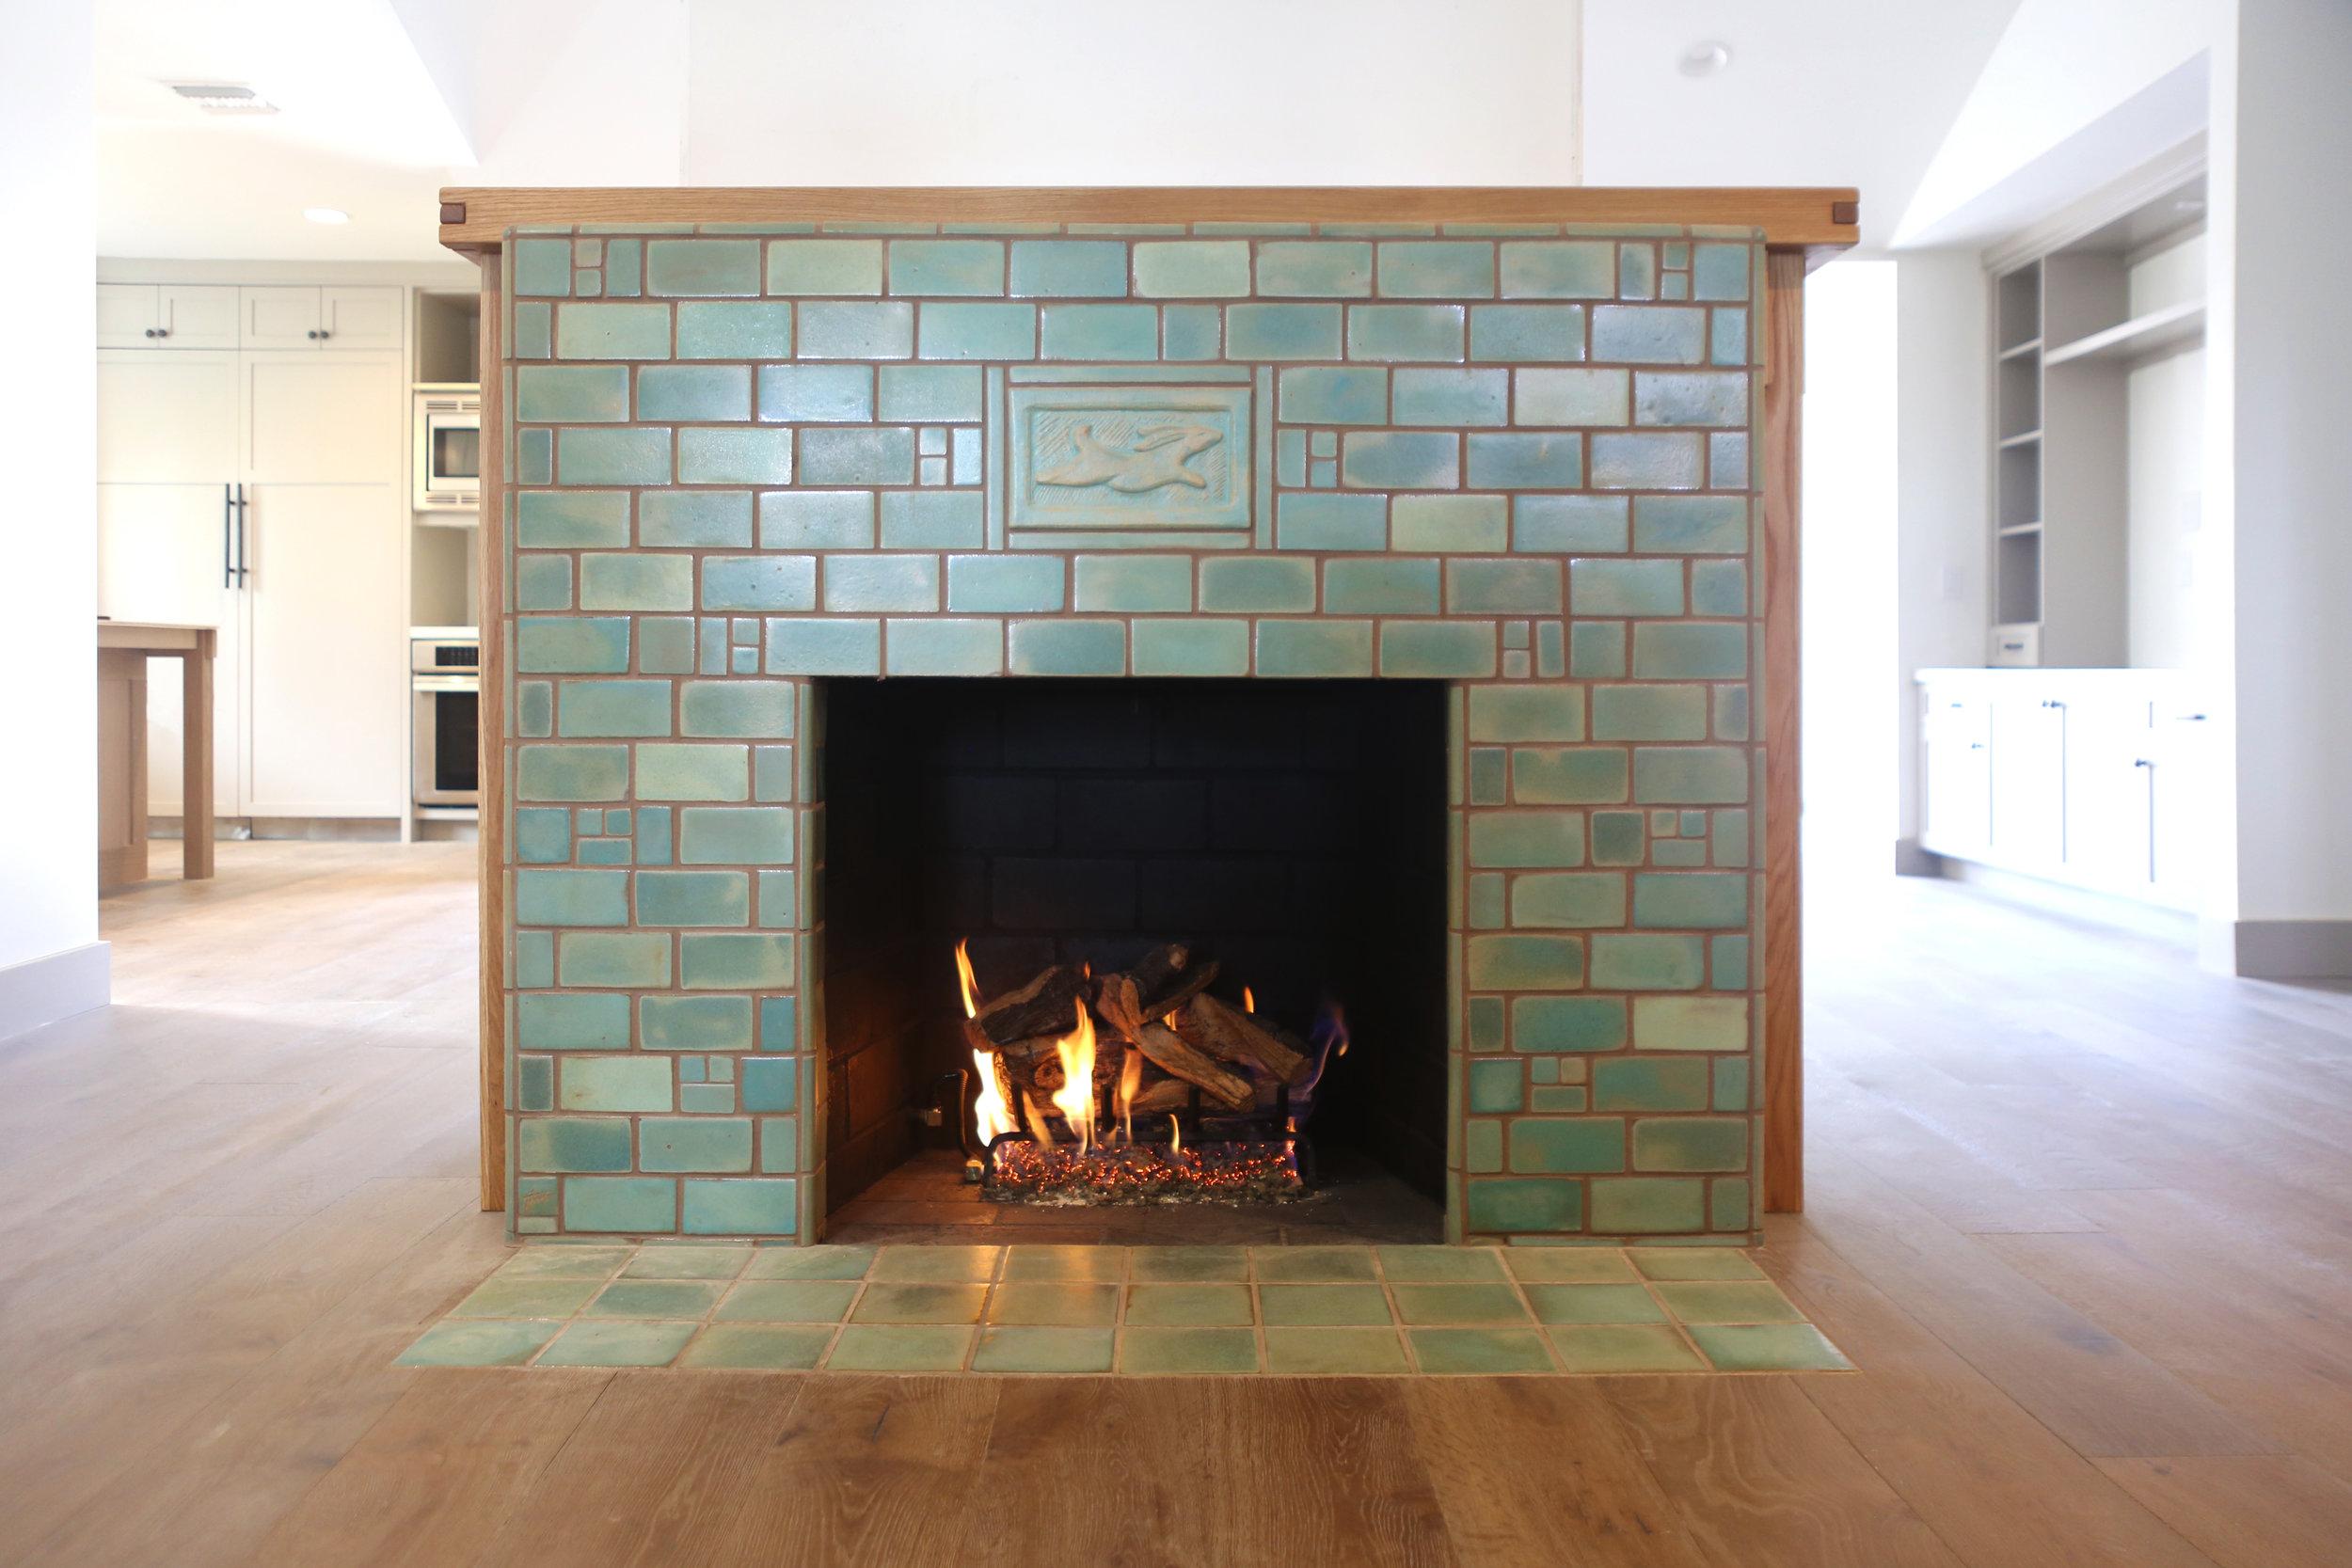 Rabb_fireplace_1.jpg